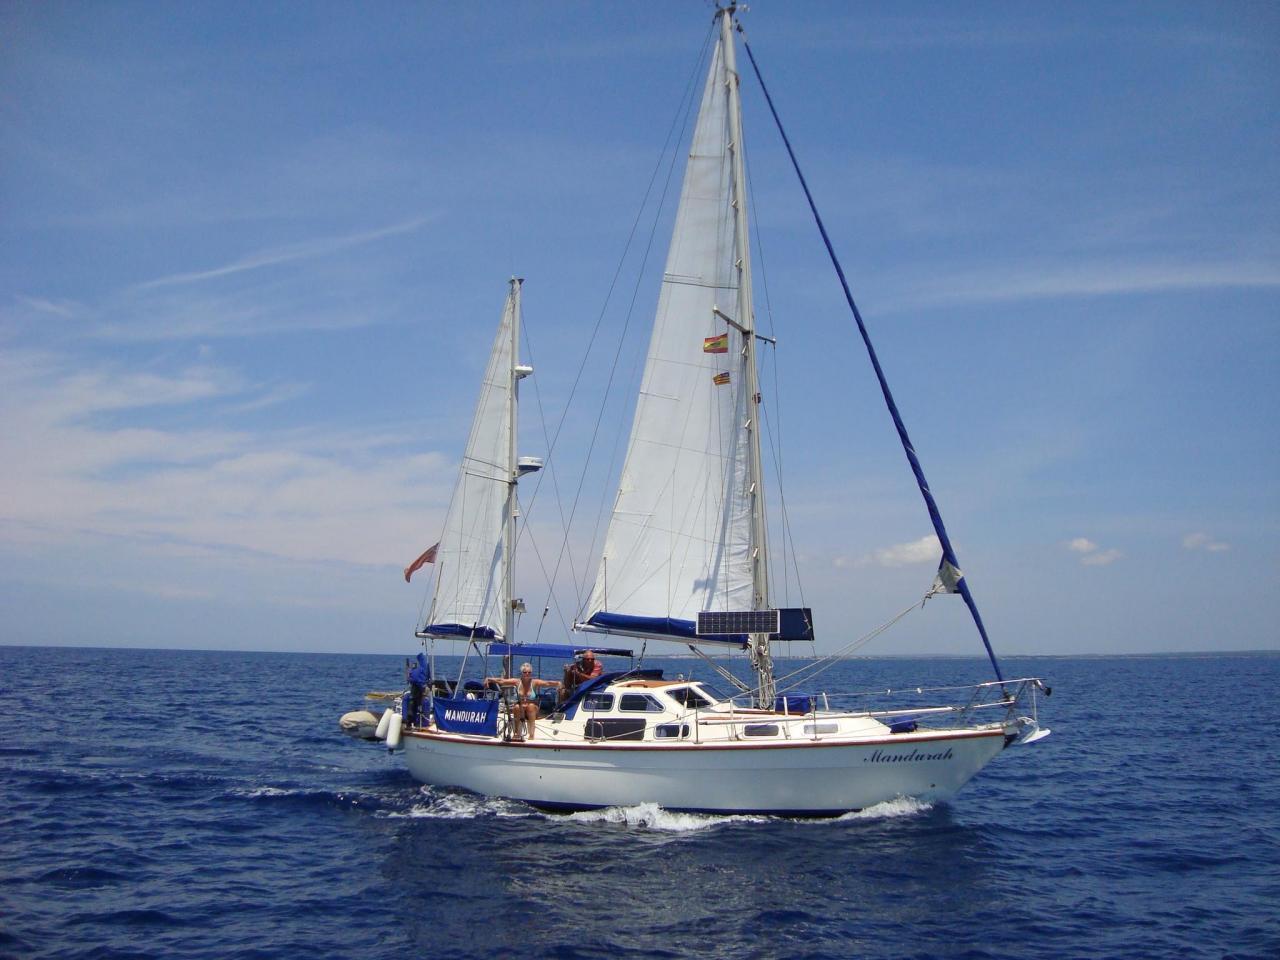 Mandurah on sail